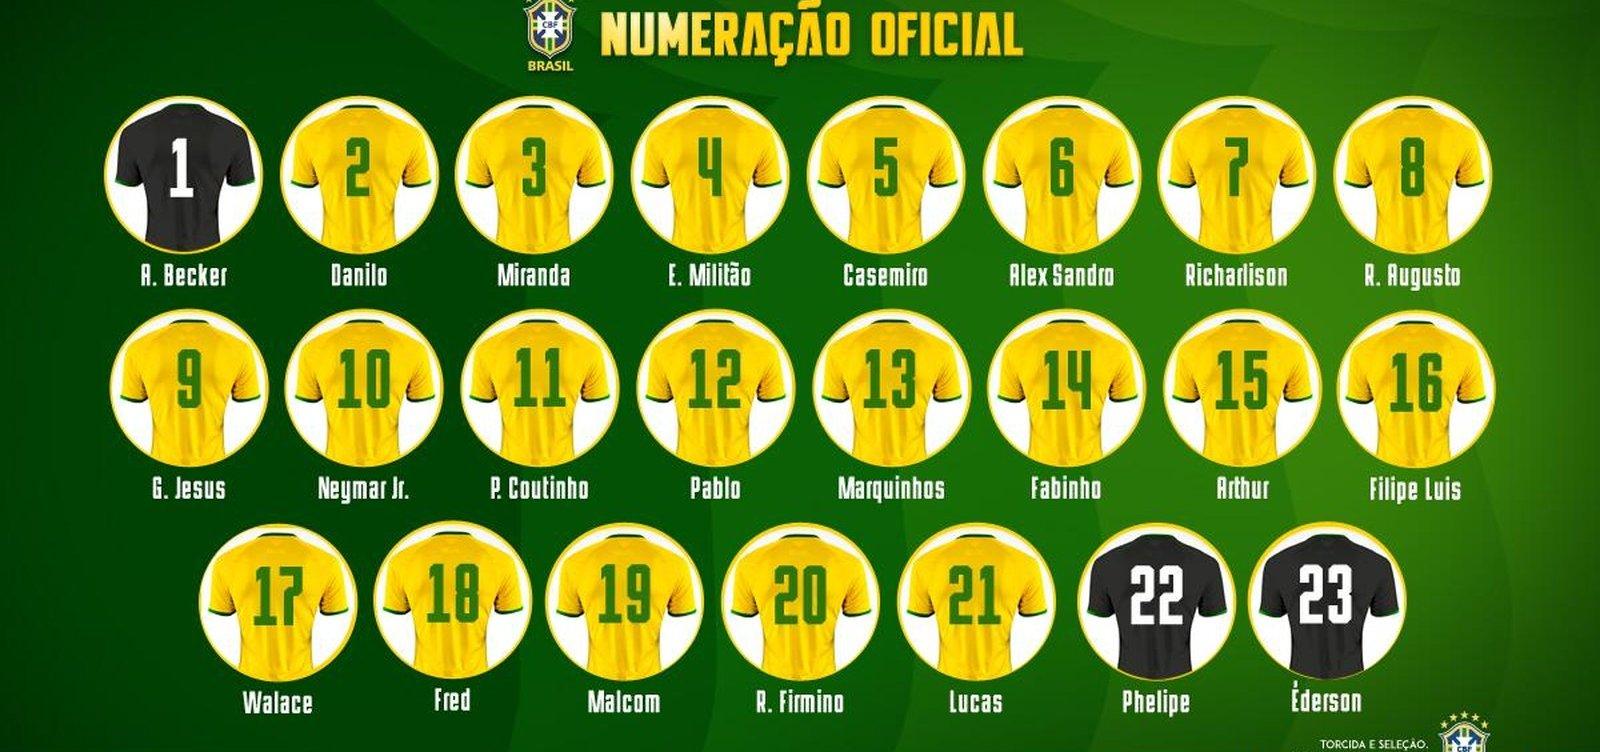 Gabriel Jesus volta à Seleção com camisa 9; jogadores mantêm numeração